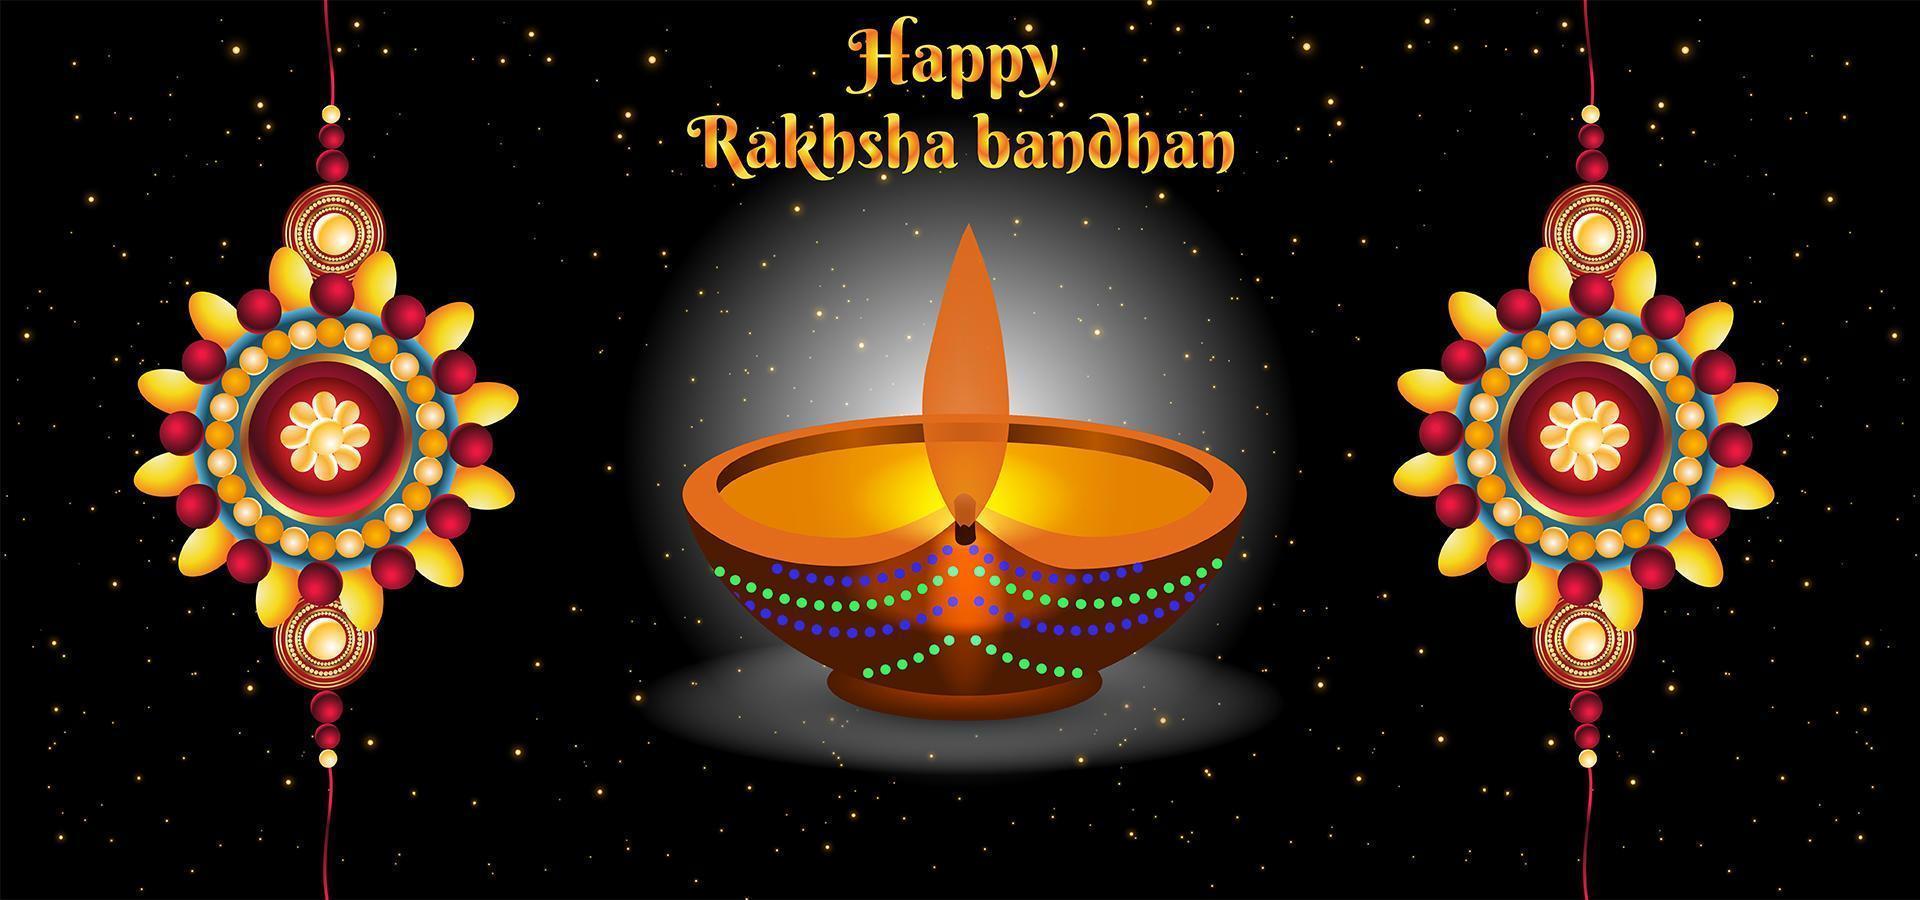 feliz raksha bandhan celebraciones resumen de antecedentes vector